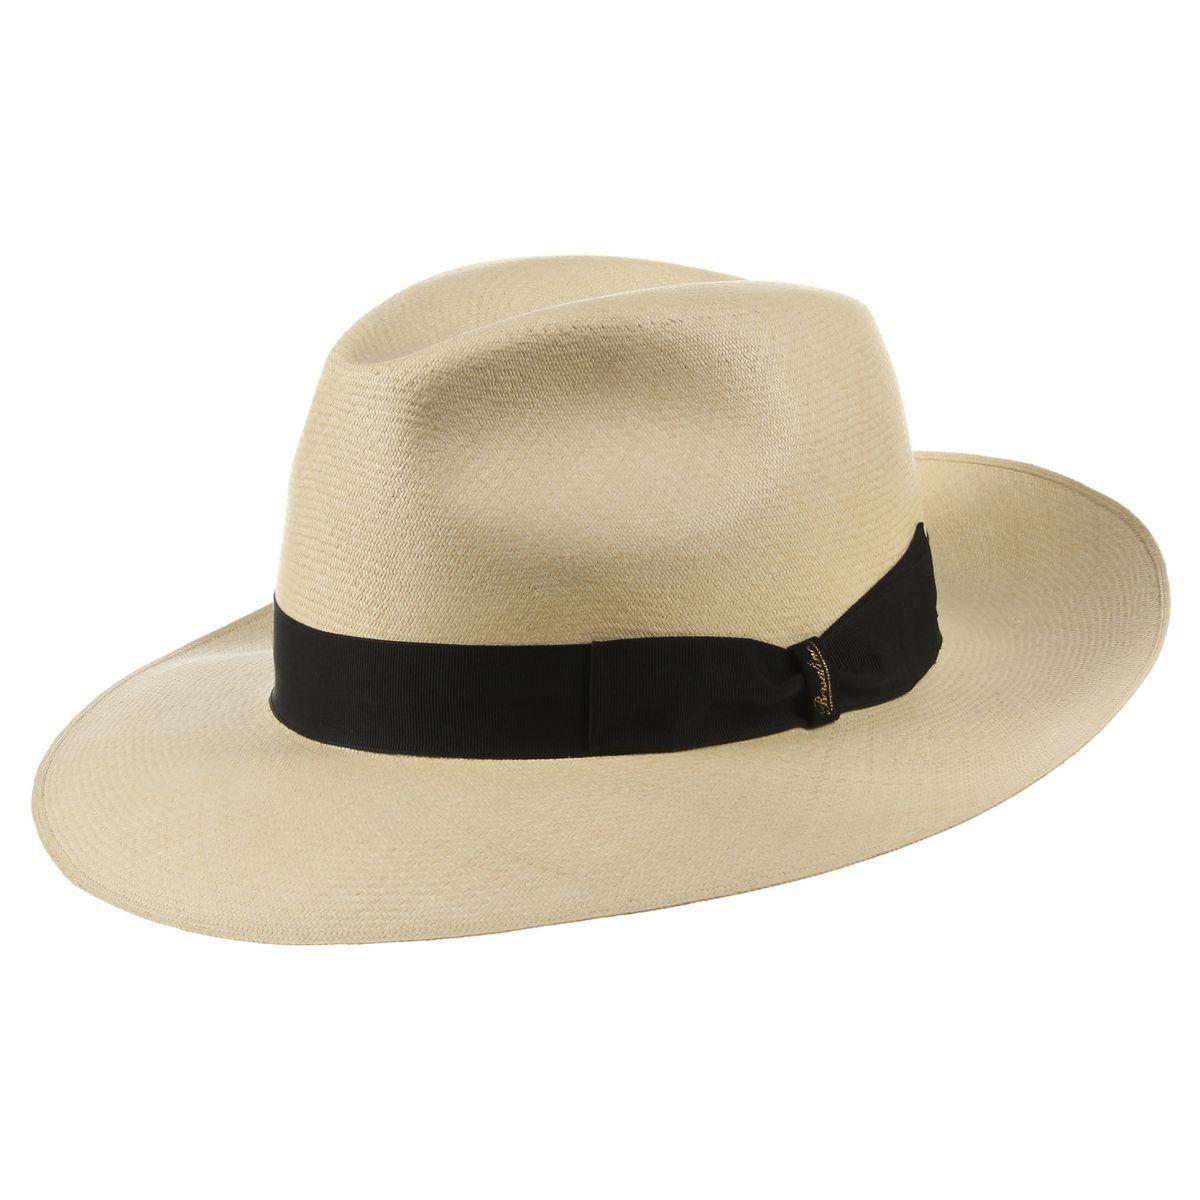 magasins d'usine qualité stable les dernières nouveautés Chapeau Panama Prestige Bogart by Borsalino | Manliness ...